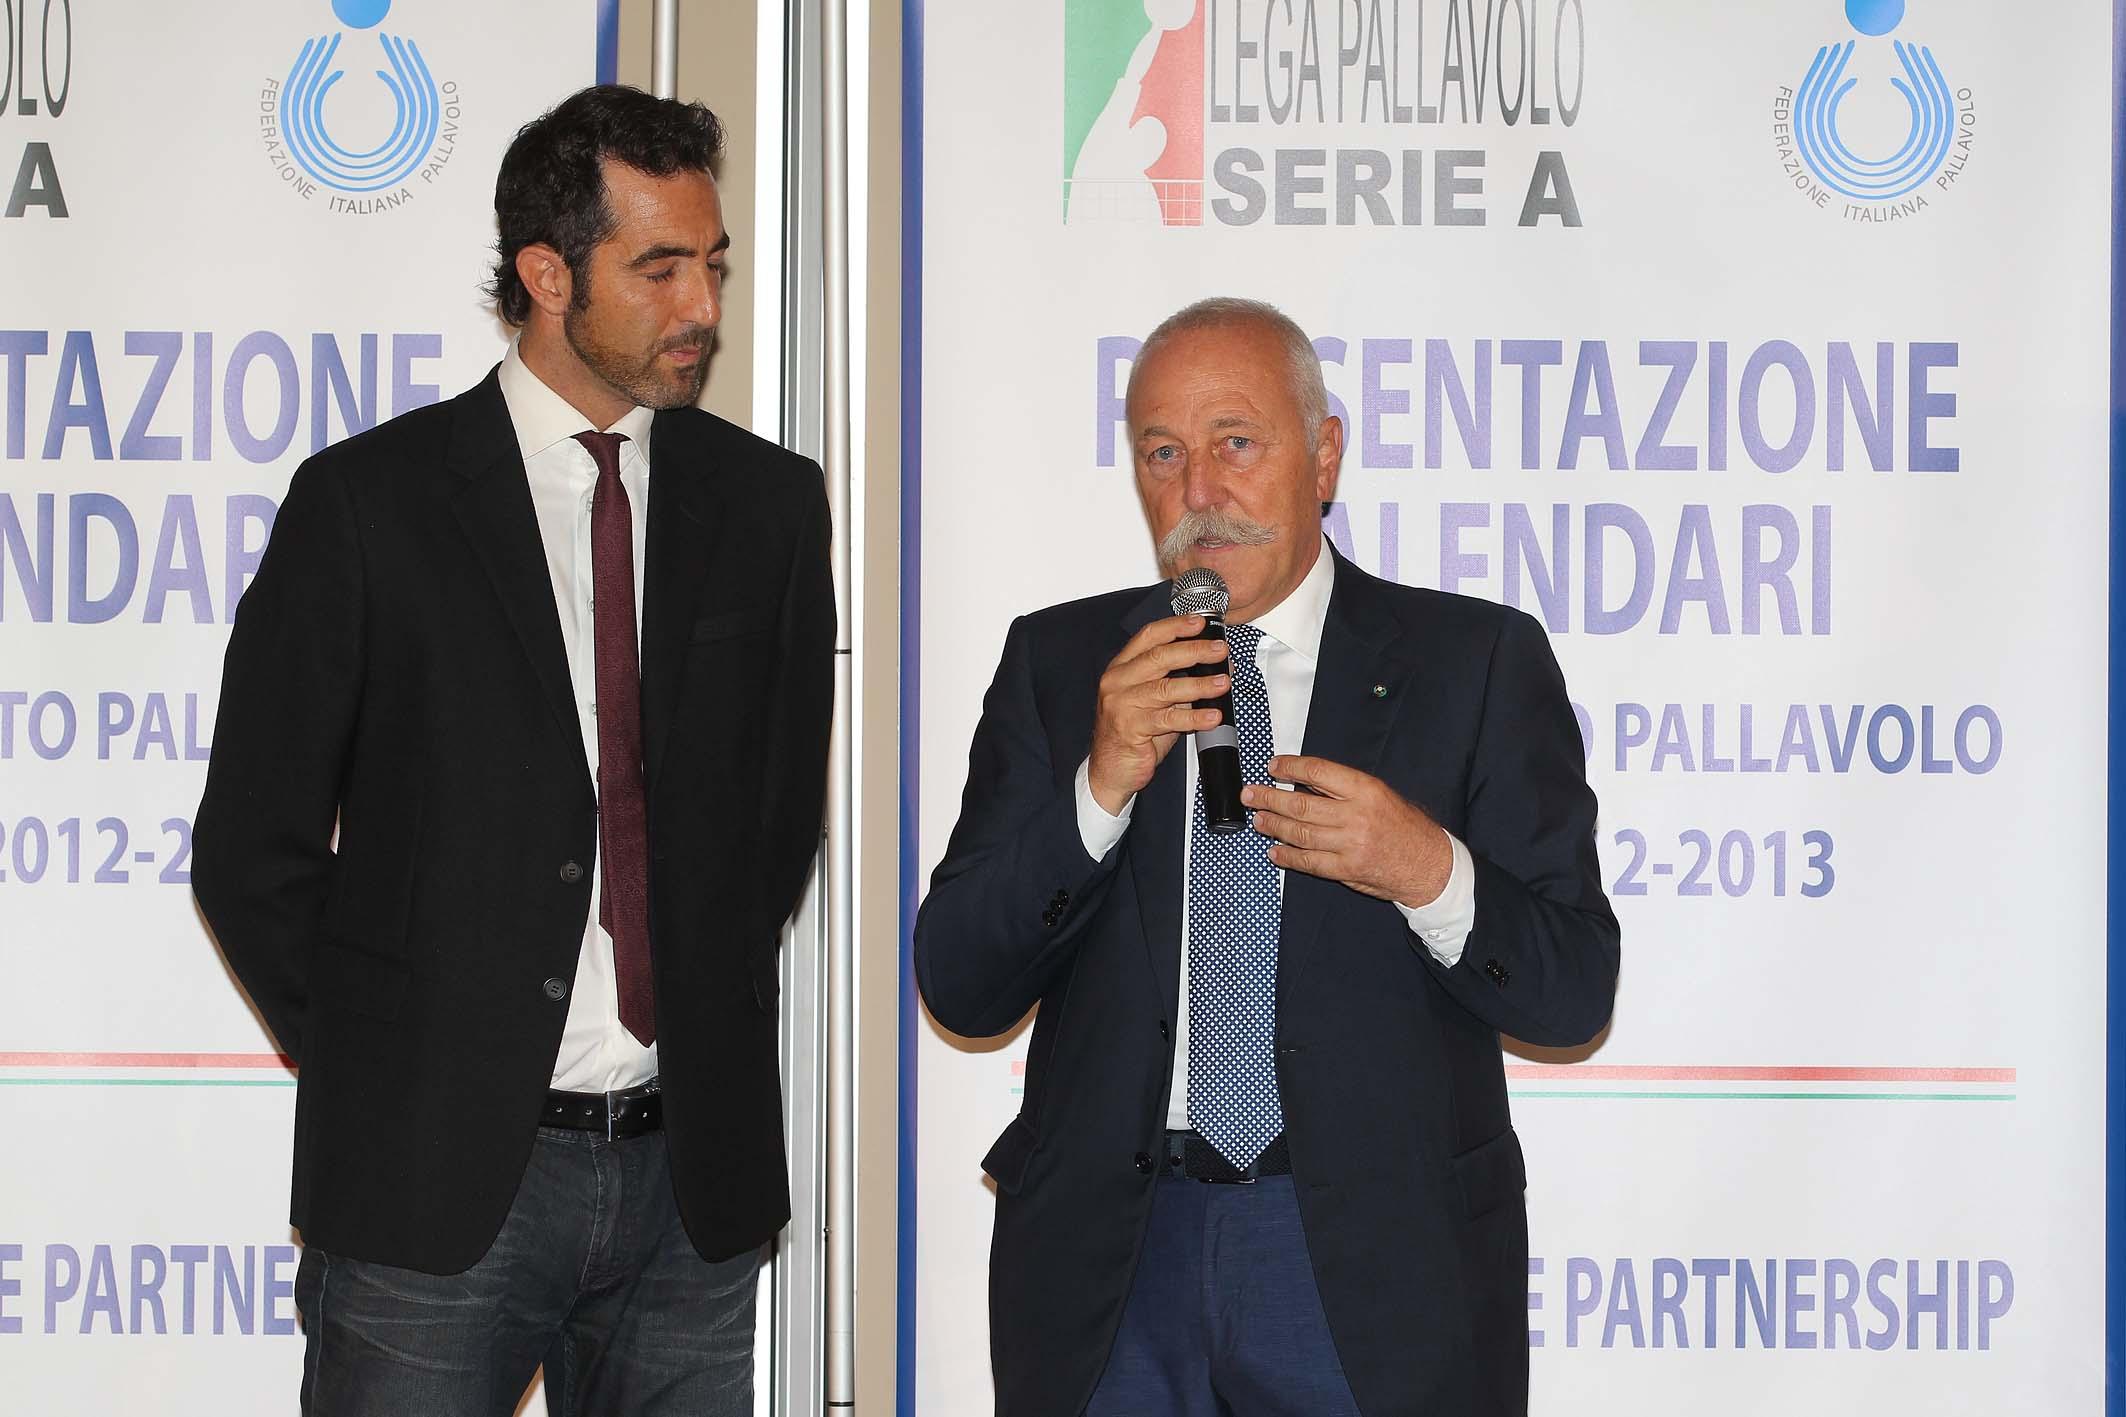 BOLOGNA 19/07/2012. LEGAVOLLEY, PRESENTAZIONE DI CALENDARI.